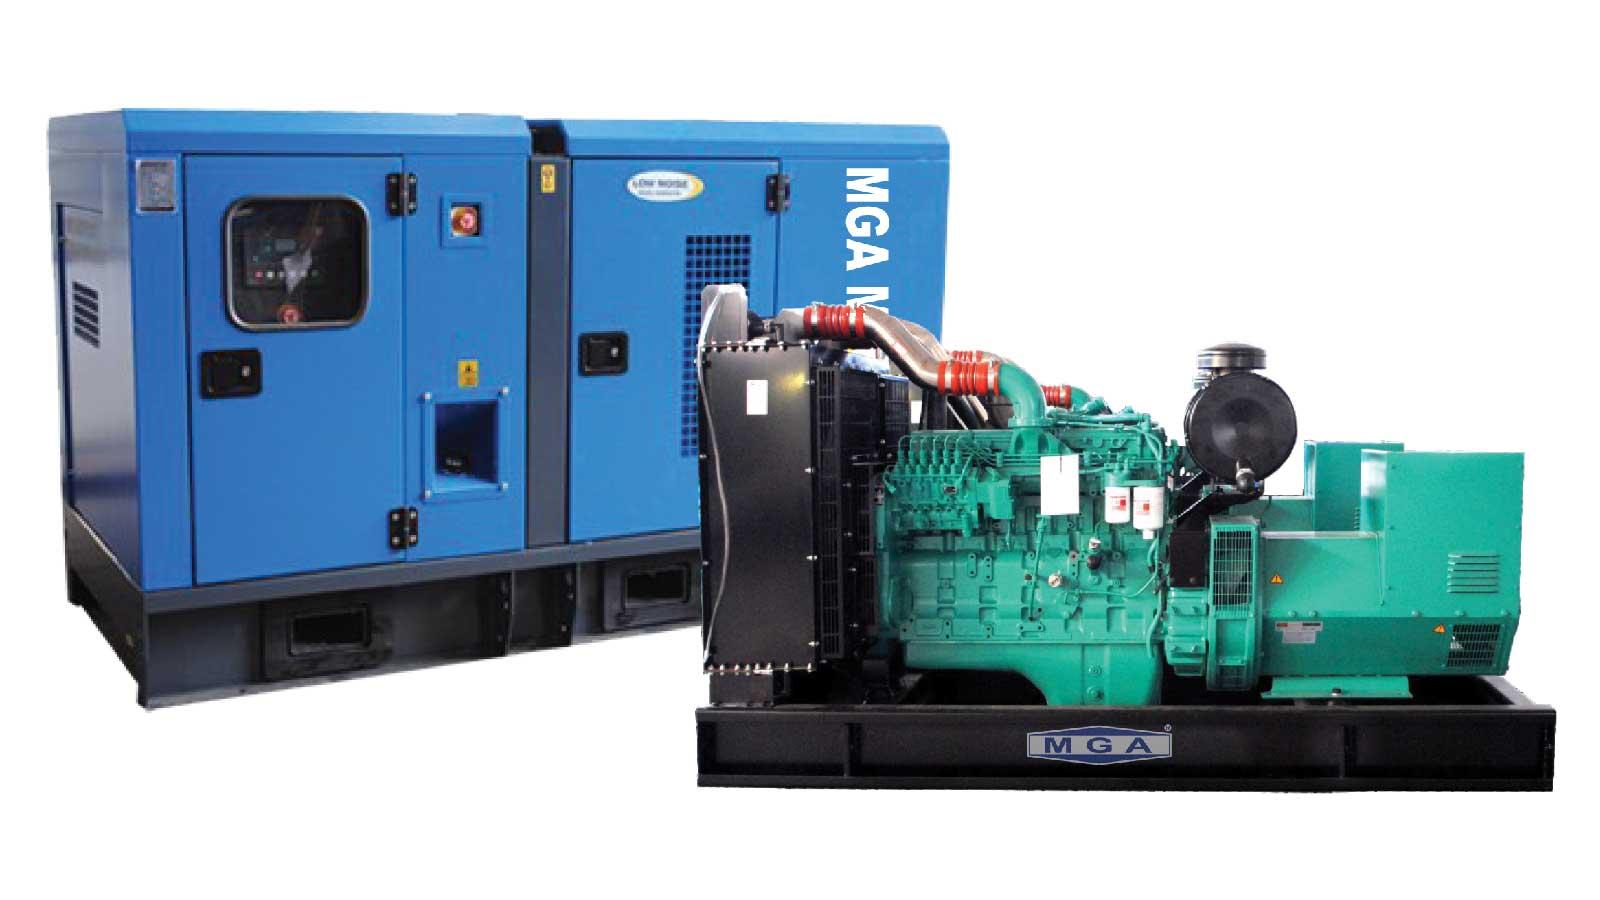 máy phát điện MGA 33 kva